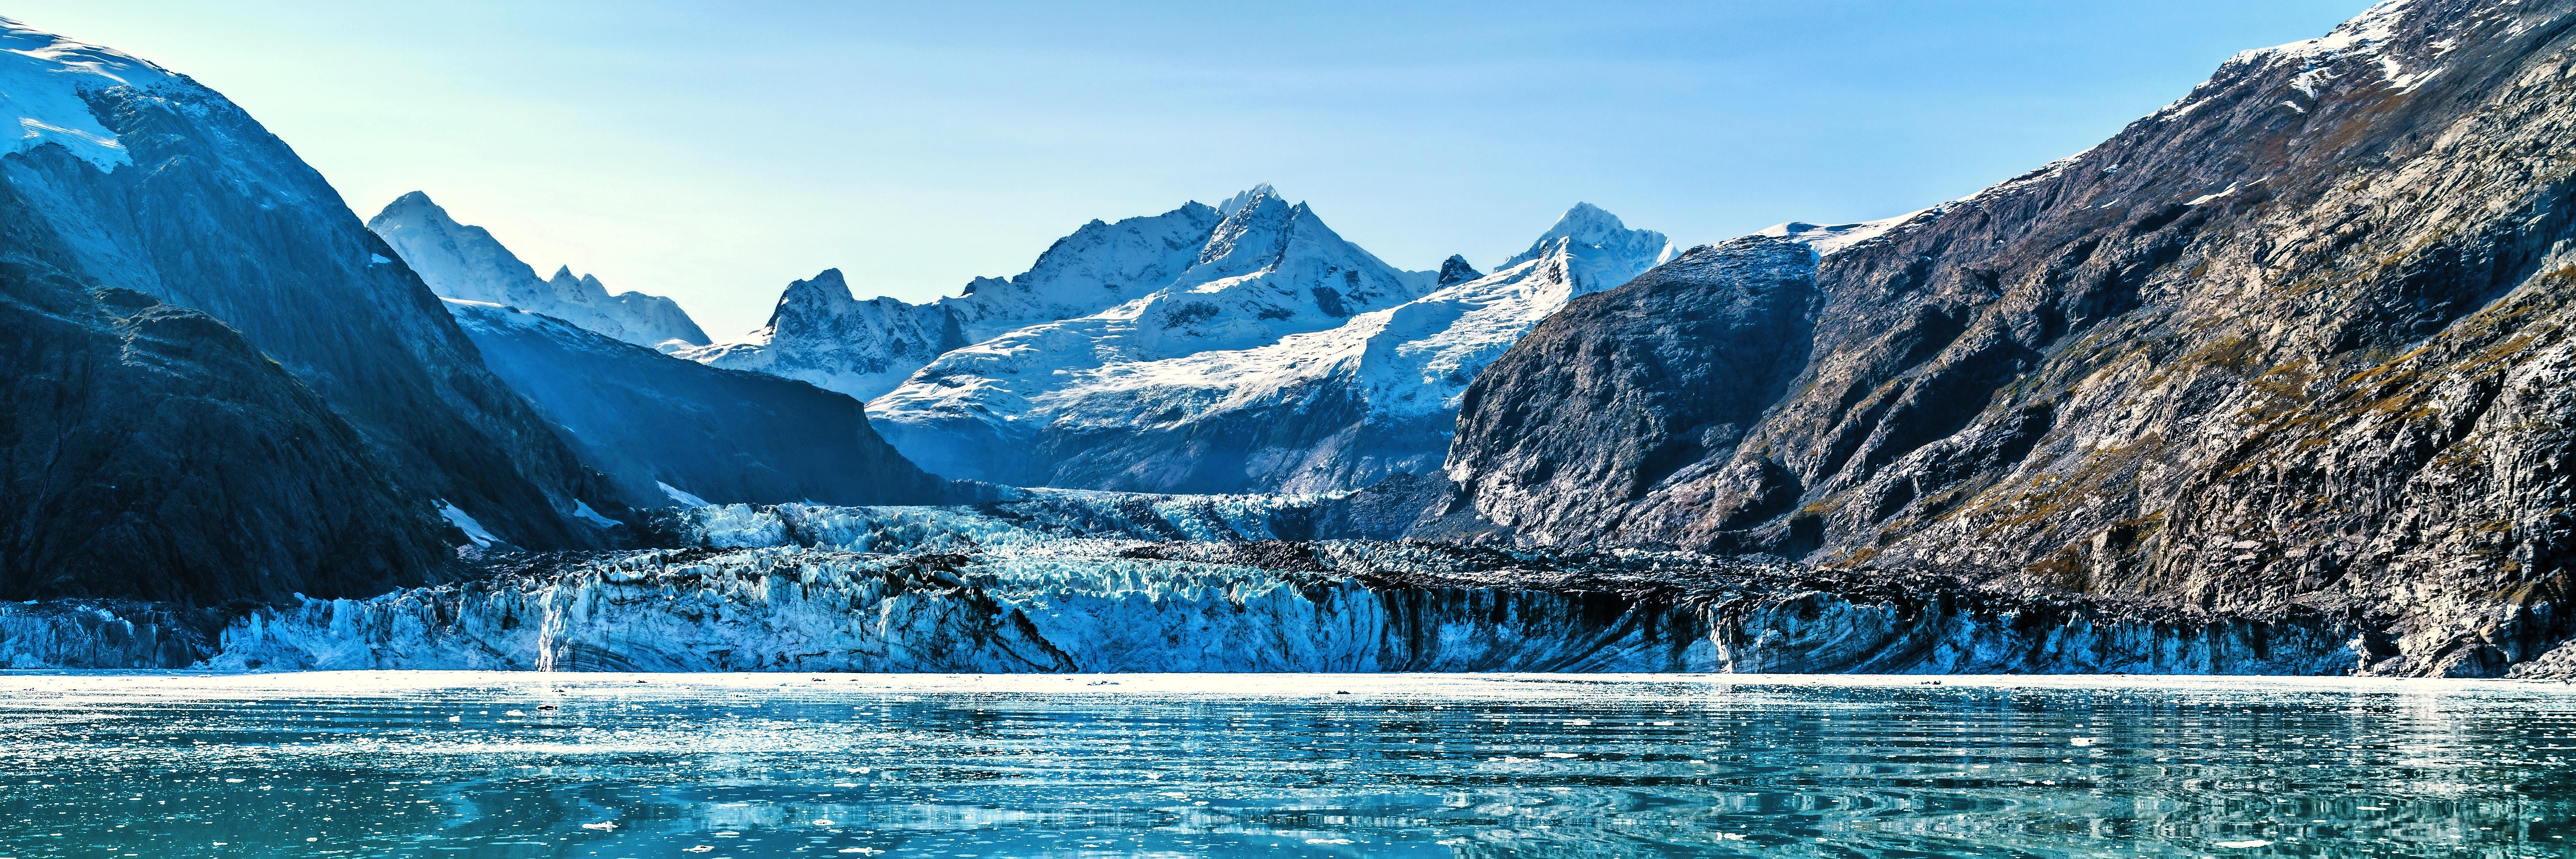 MS WILDERNESS DISCOVERER: Durch die Inside Passage nach Alaska